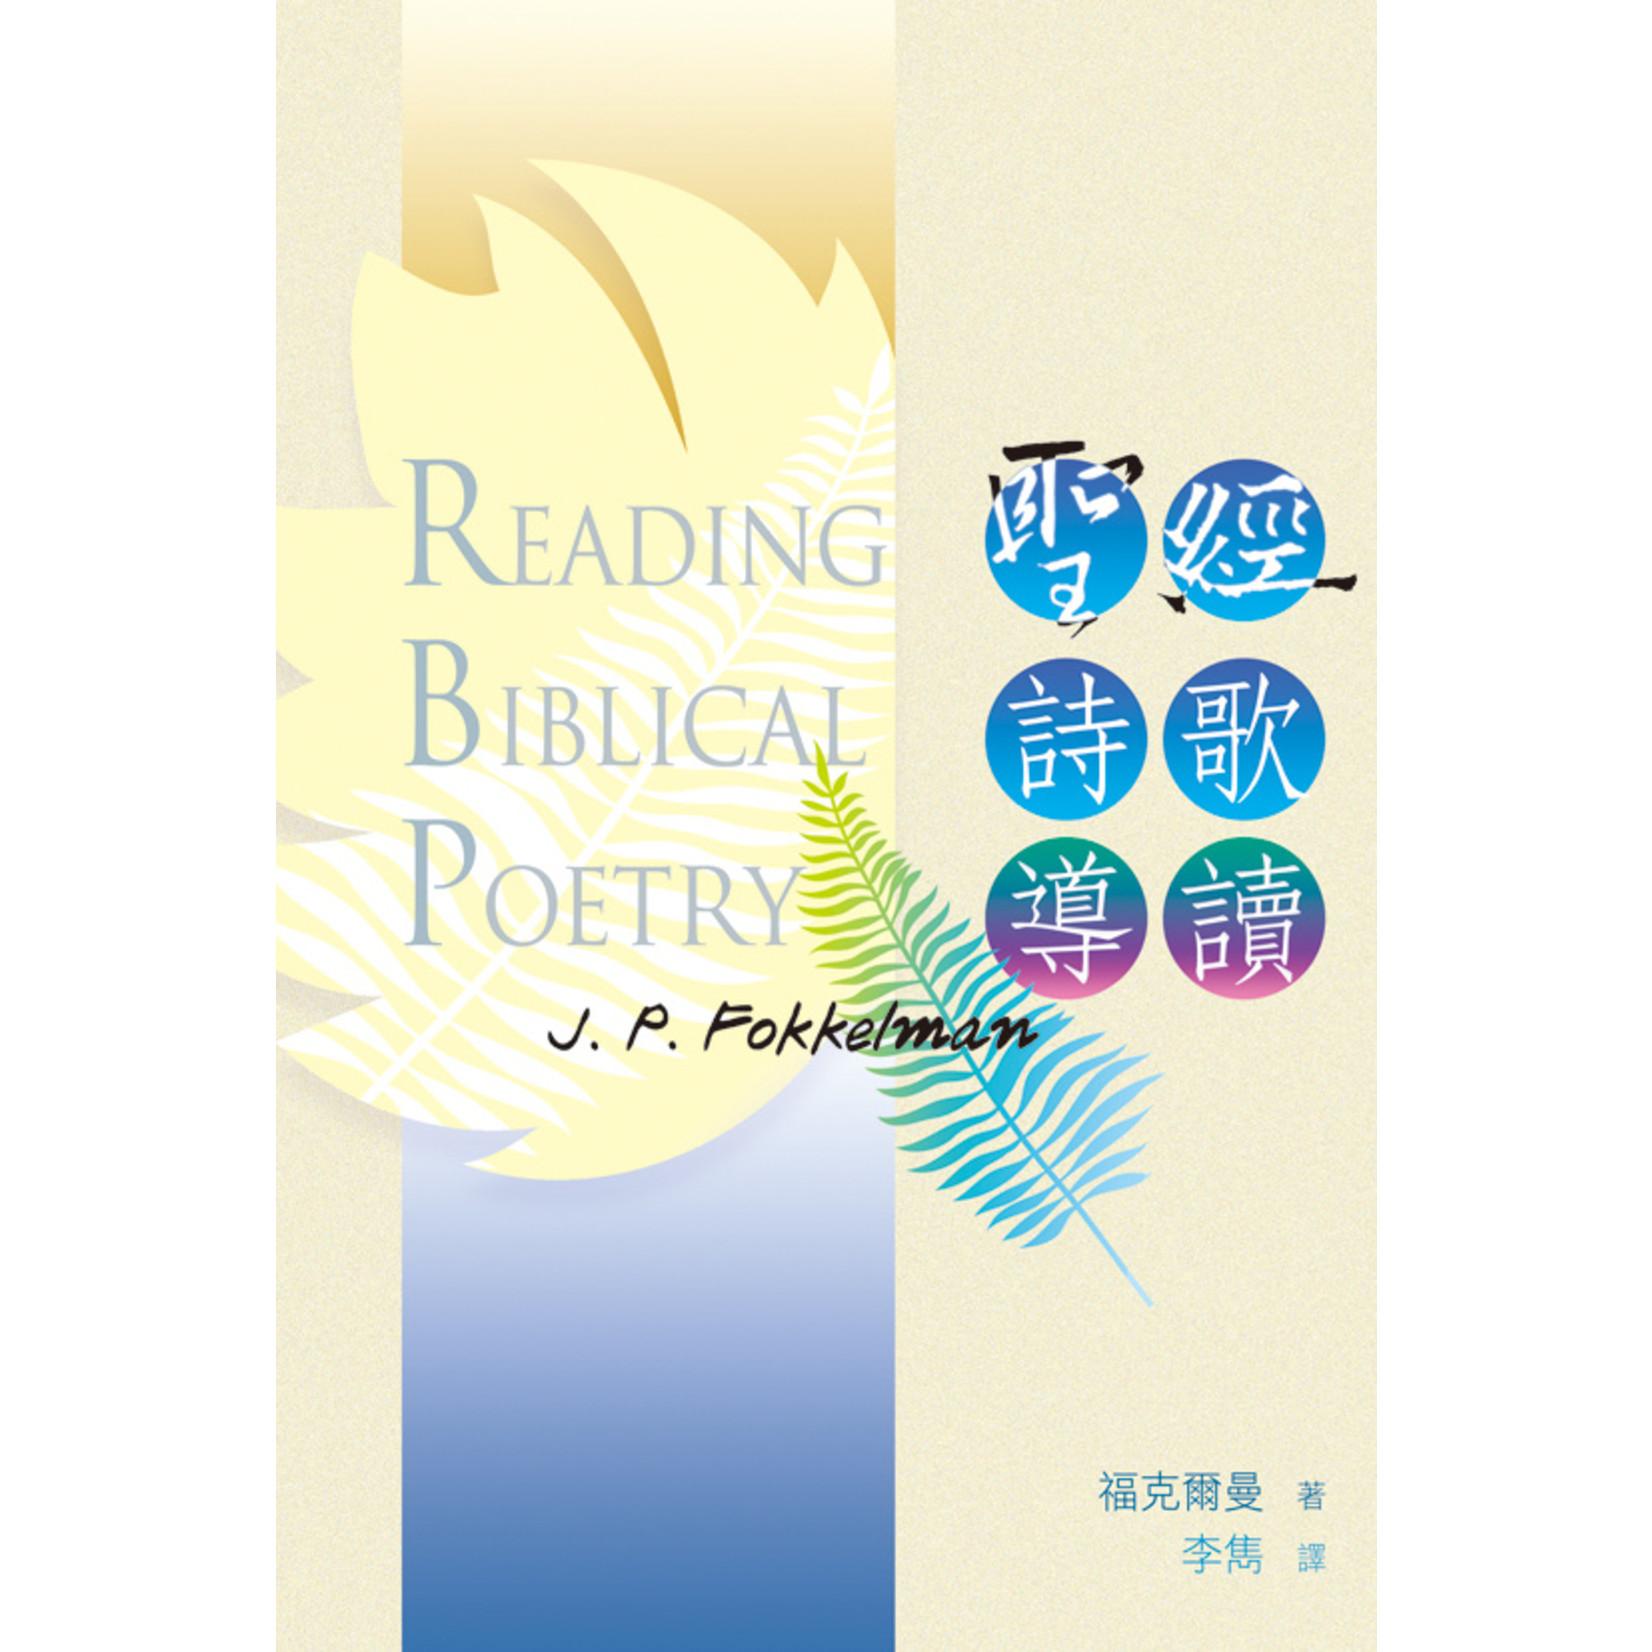 天道書樓 Tien Dao Publishing House 聖經詩歌導讀 Reading Biblical Poetry: An Introductory Guide